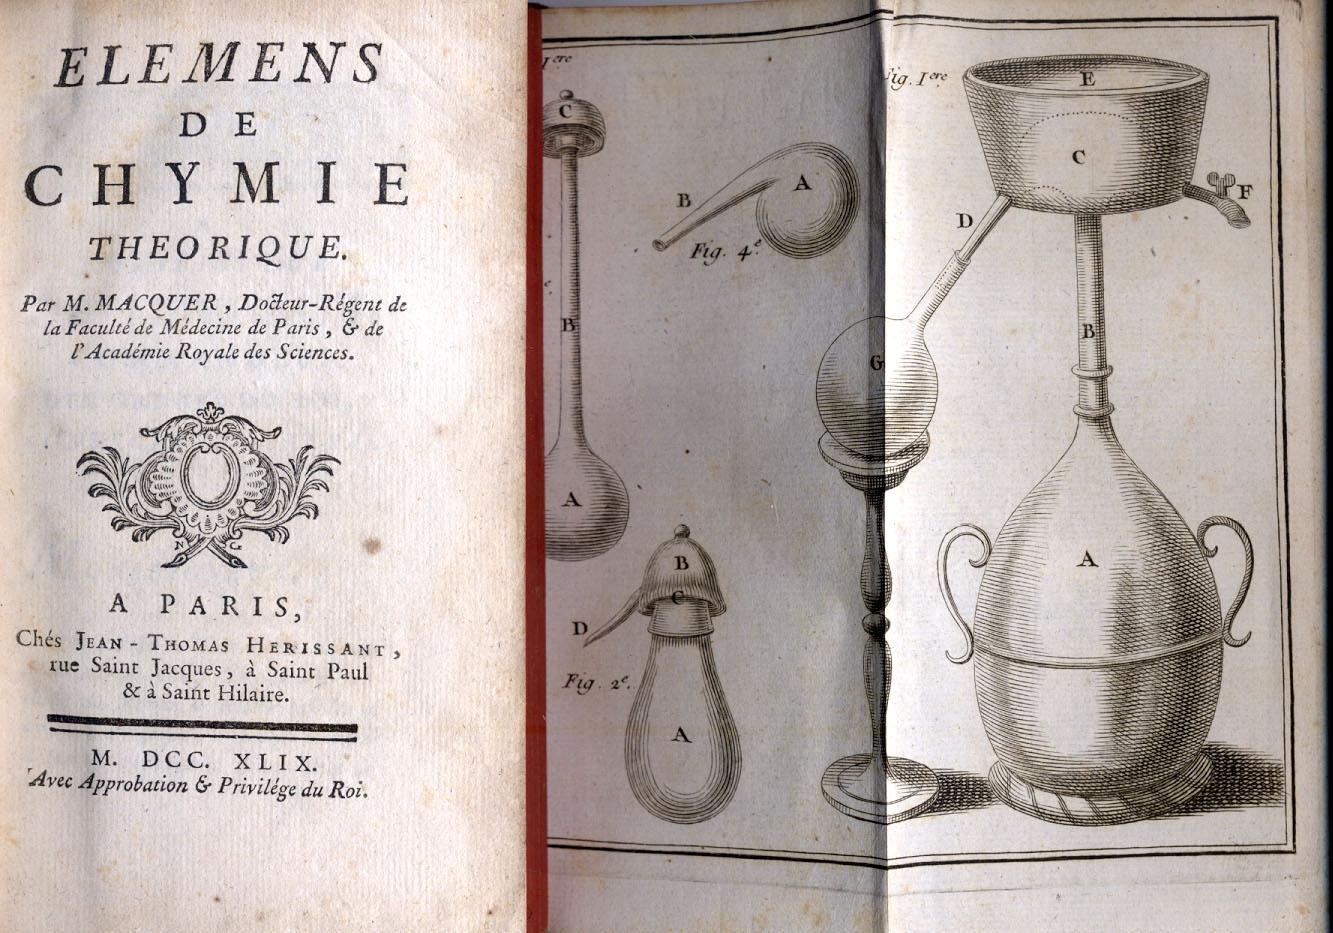 ELEMENS DE CHYMIE THEORIQUE.: MACQUER Pierre Joseph.